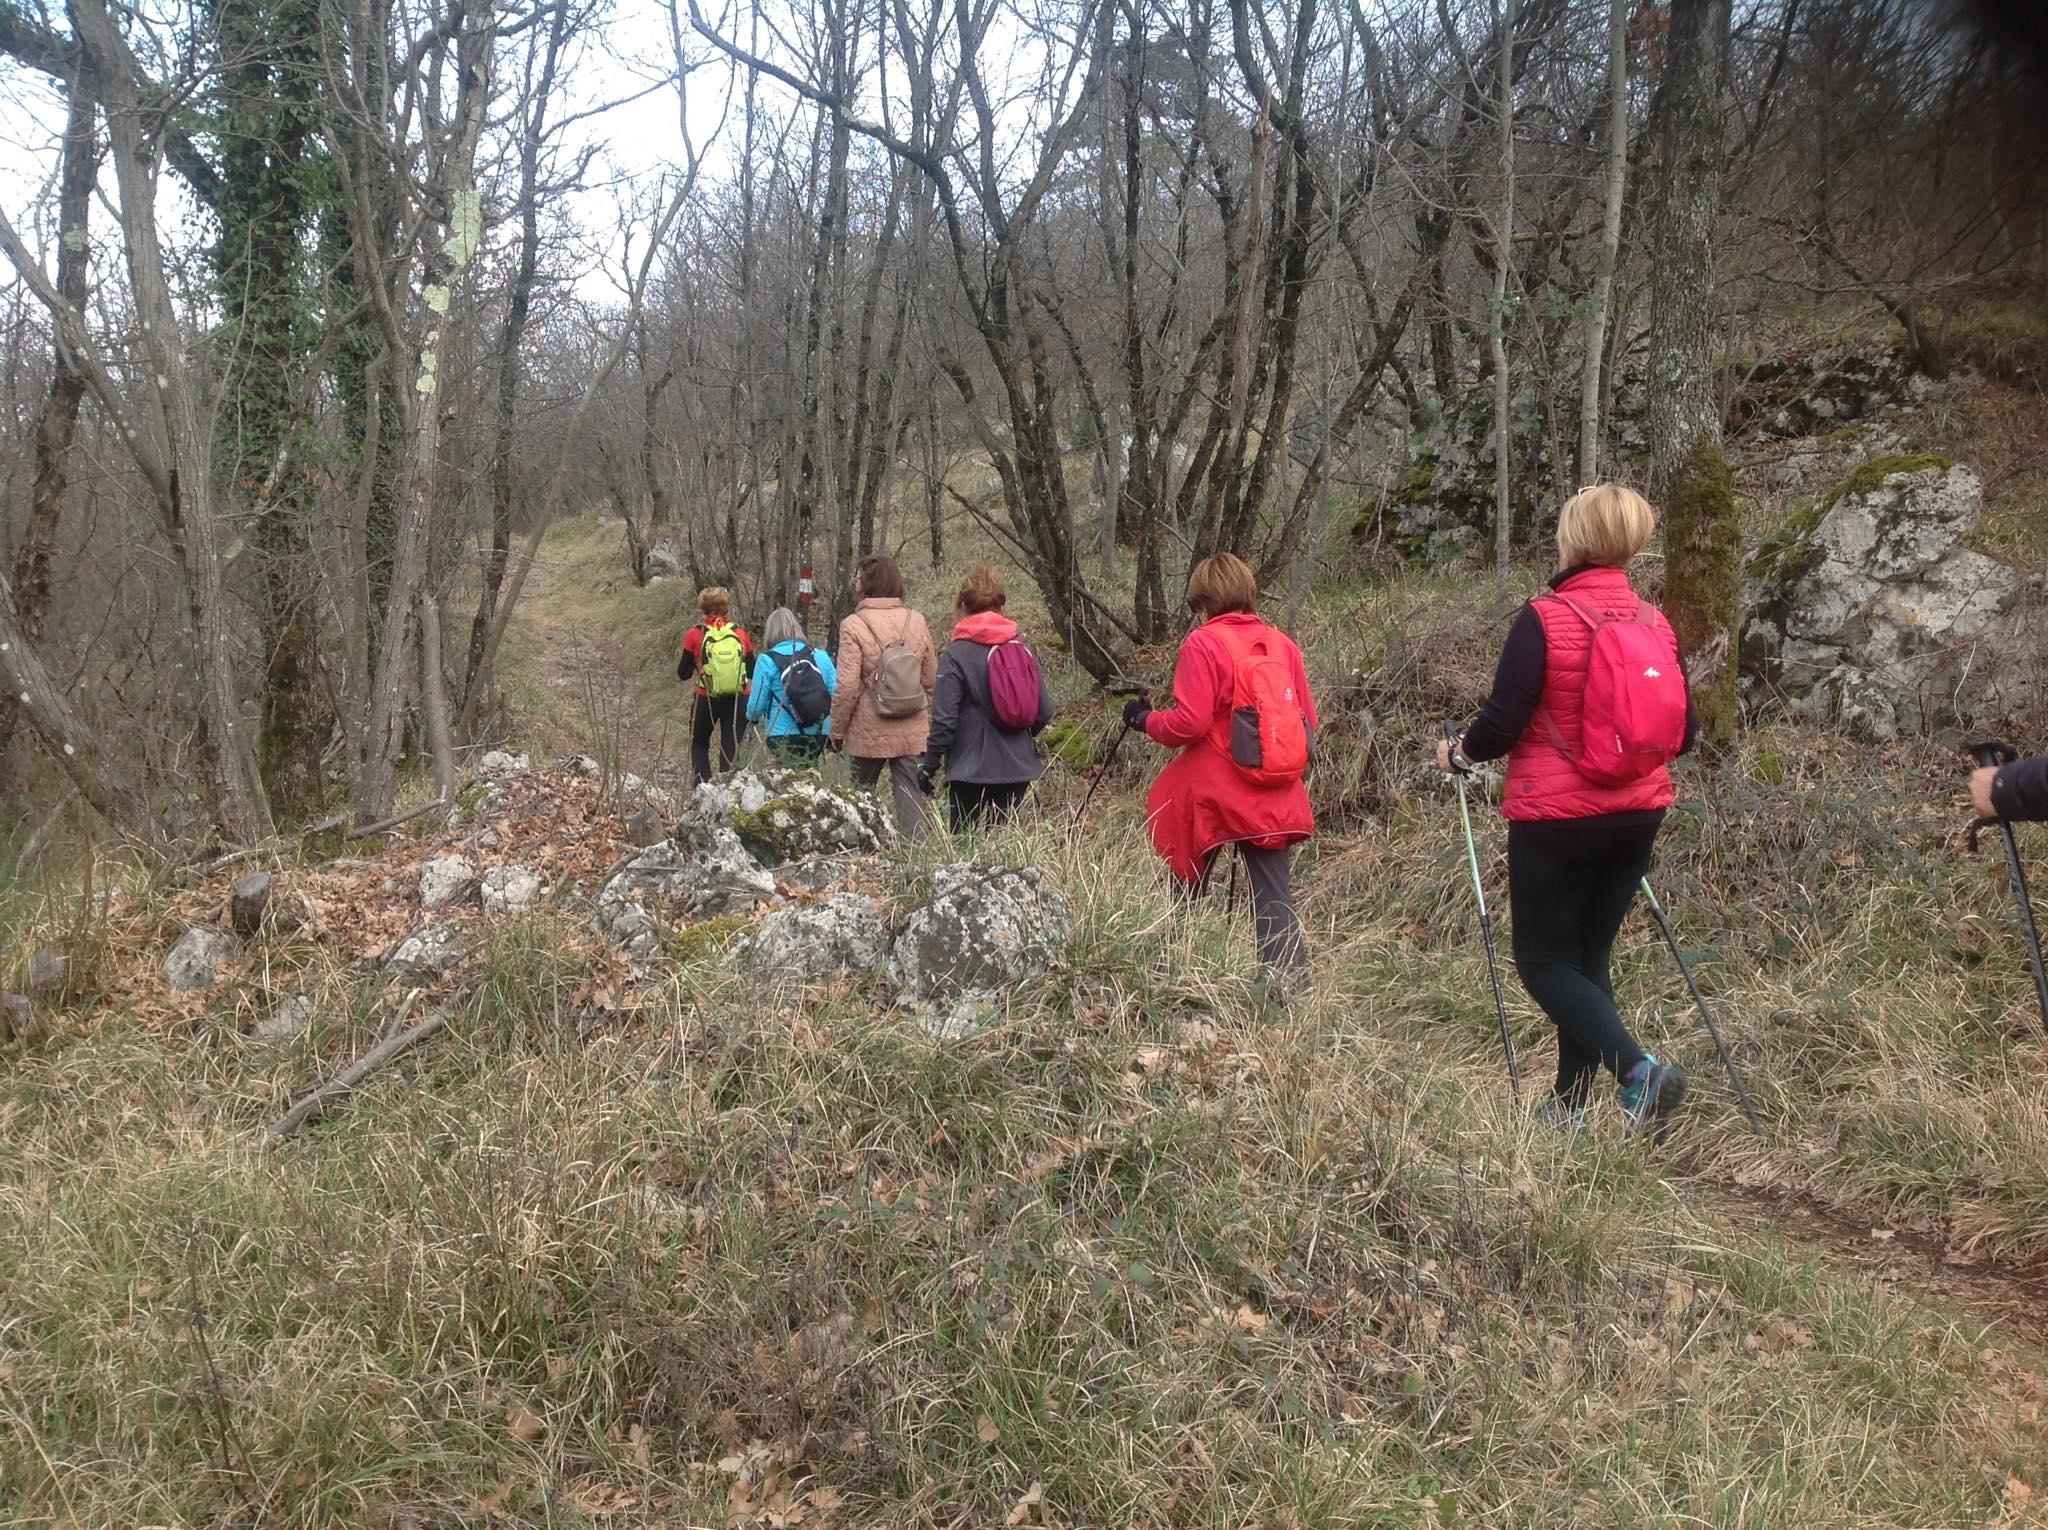 2020-02-27 Nordic Walking - Sgonico - Ostri Vrh – Riserva Naturale del Monte Lanaro (S) (3)